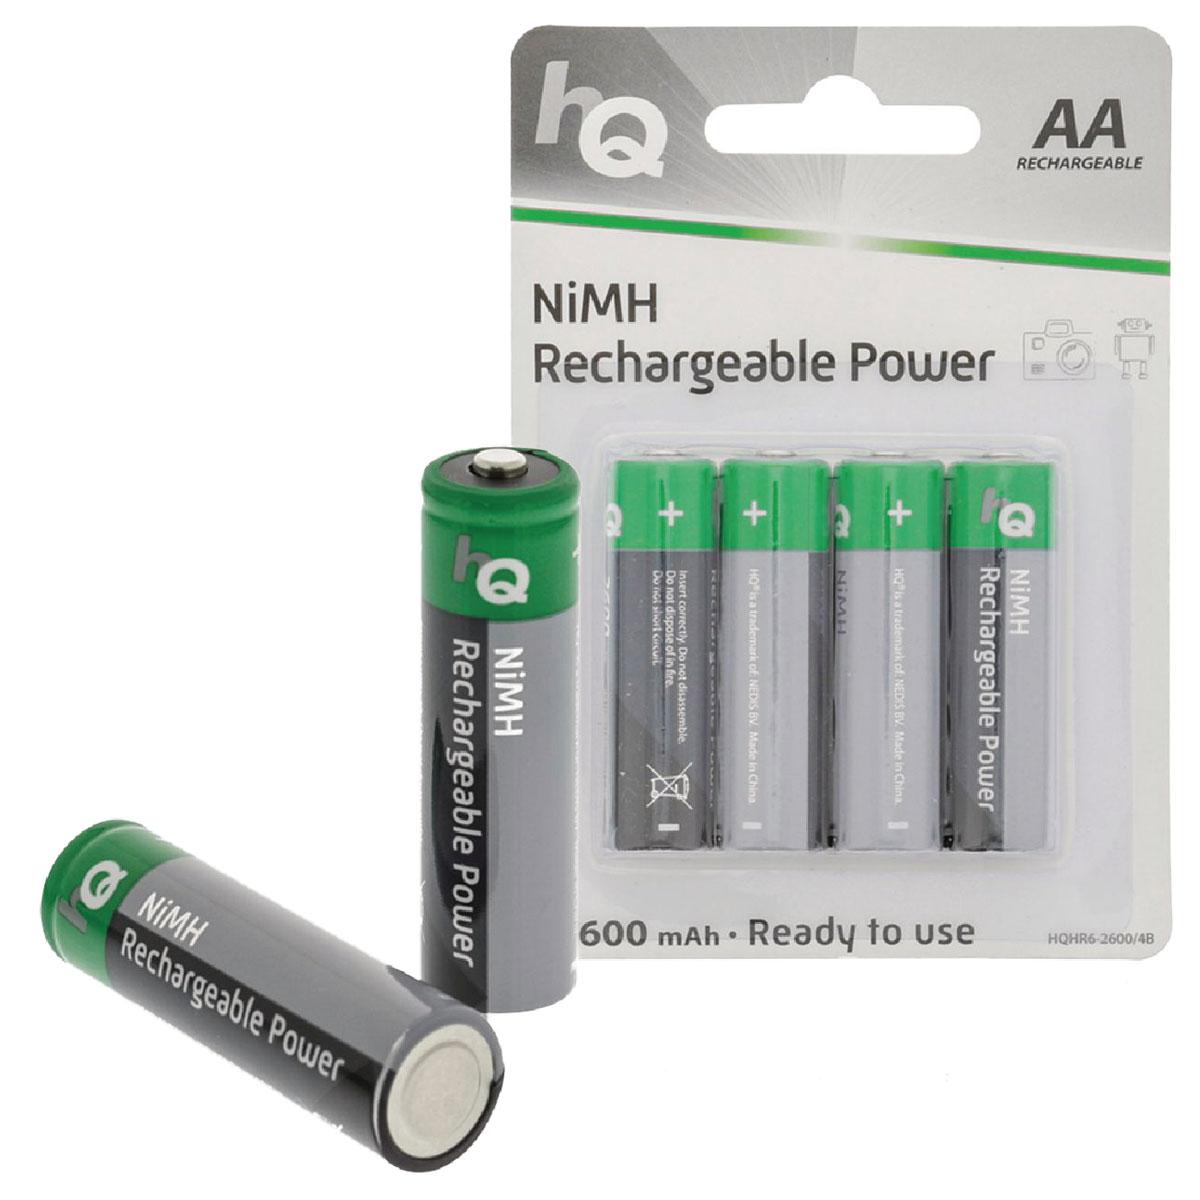 Hq rechargeable power aa 2600 mah par 4 pile - Pile aa rechargeable ...